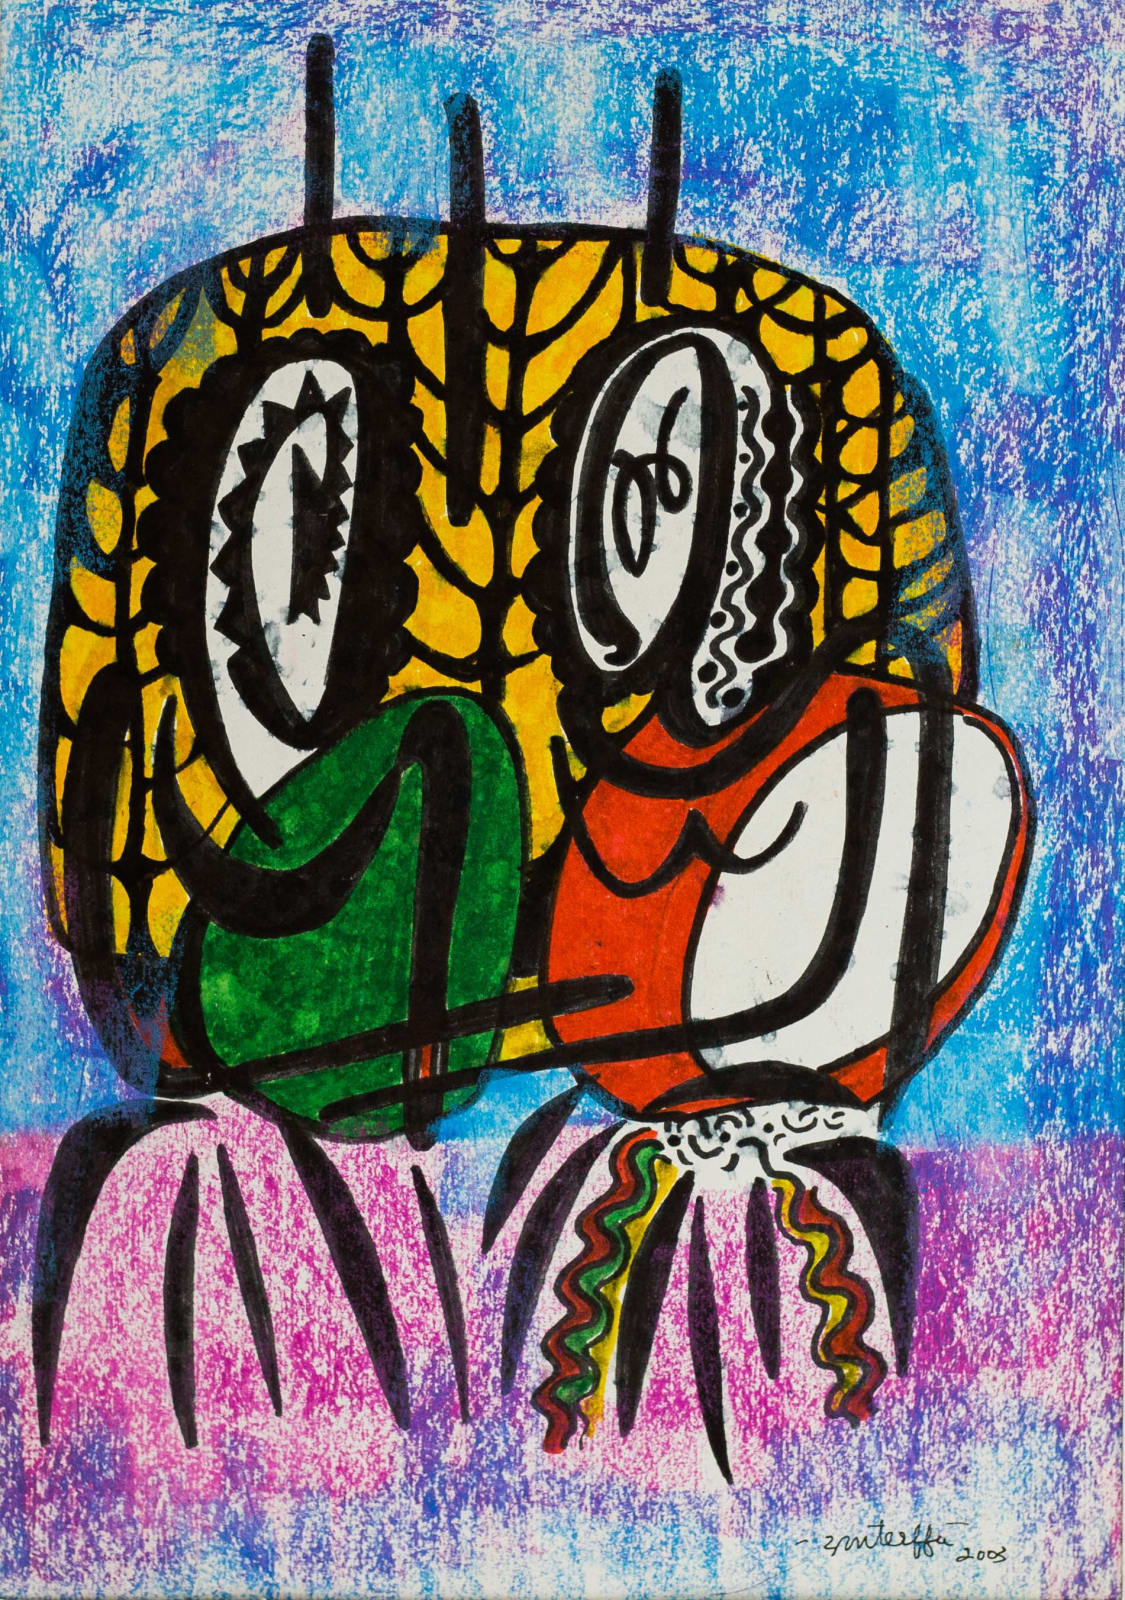 Tibebe Terffa , Untitled on Paper IX , 2003